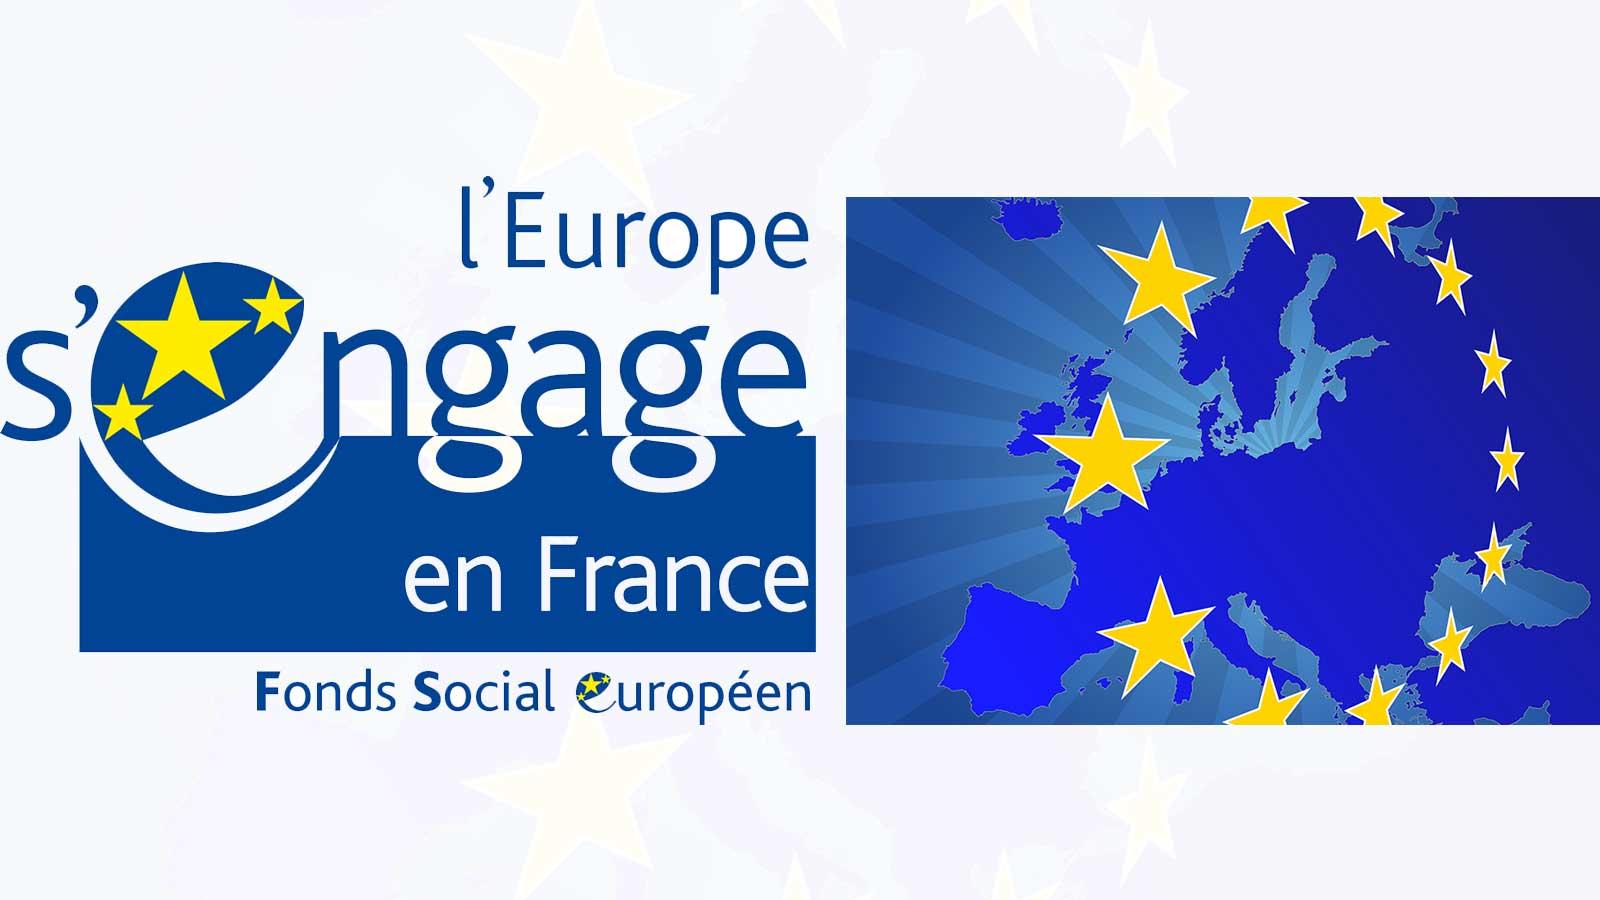 L'Europe s'engage dans les Vosges avec le Fonds Social Européen - Insertion